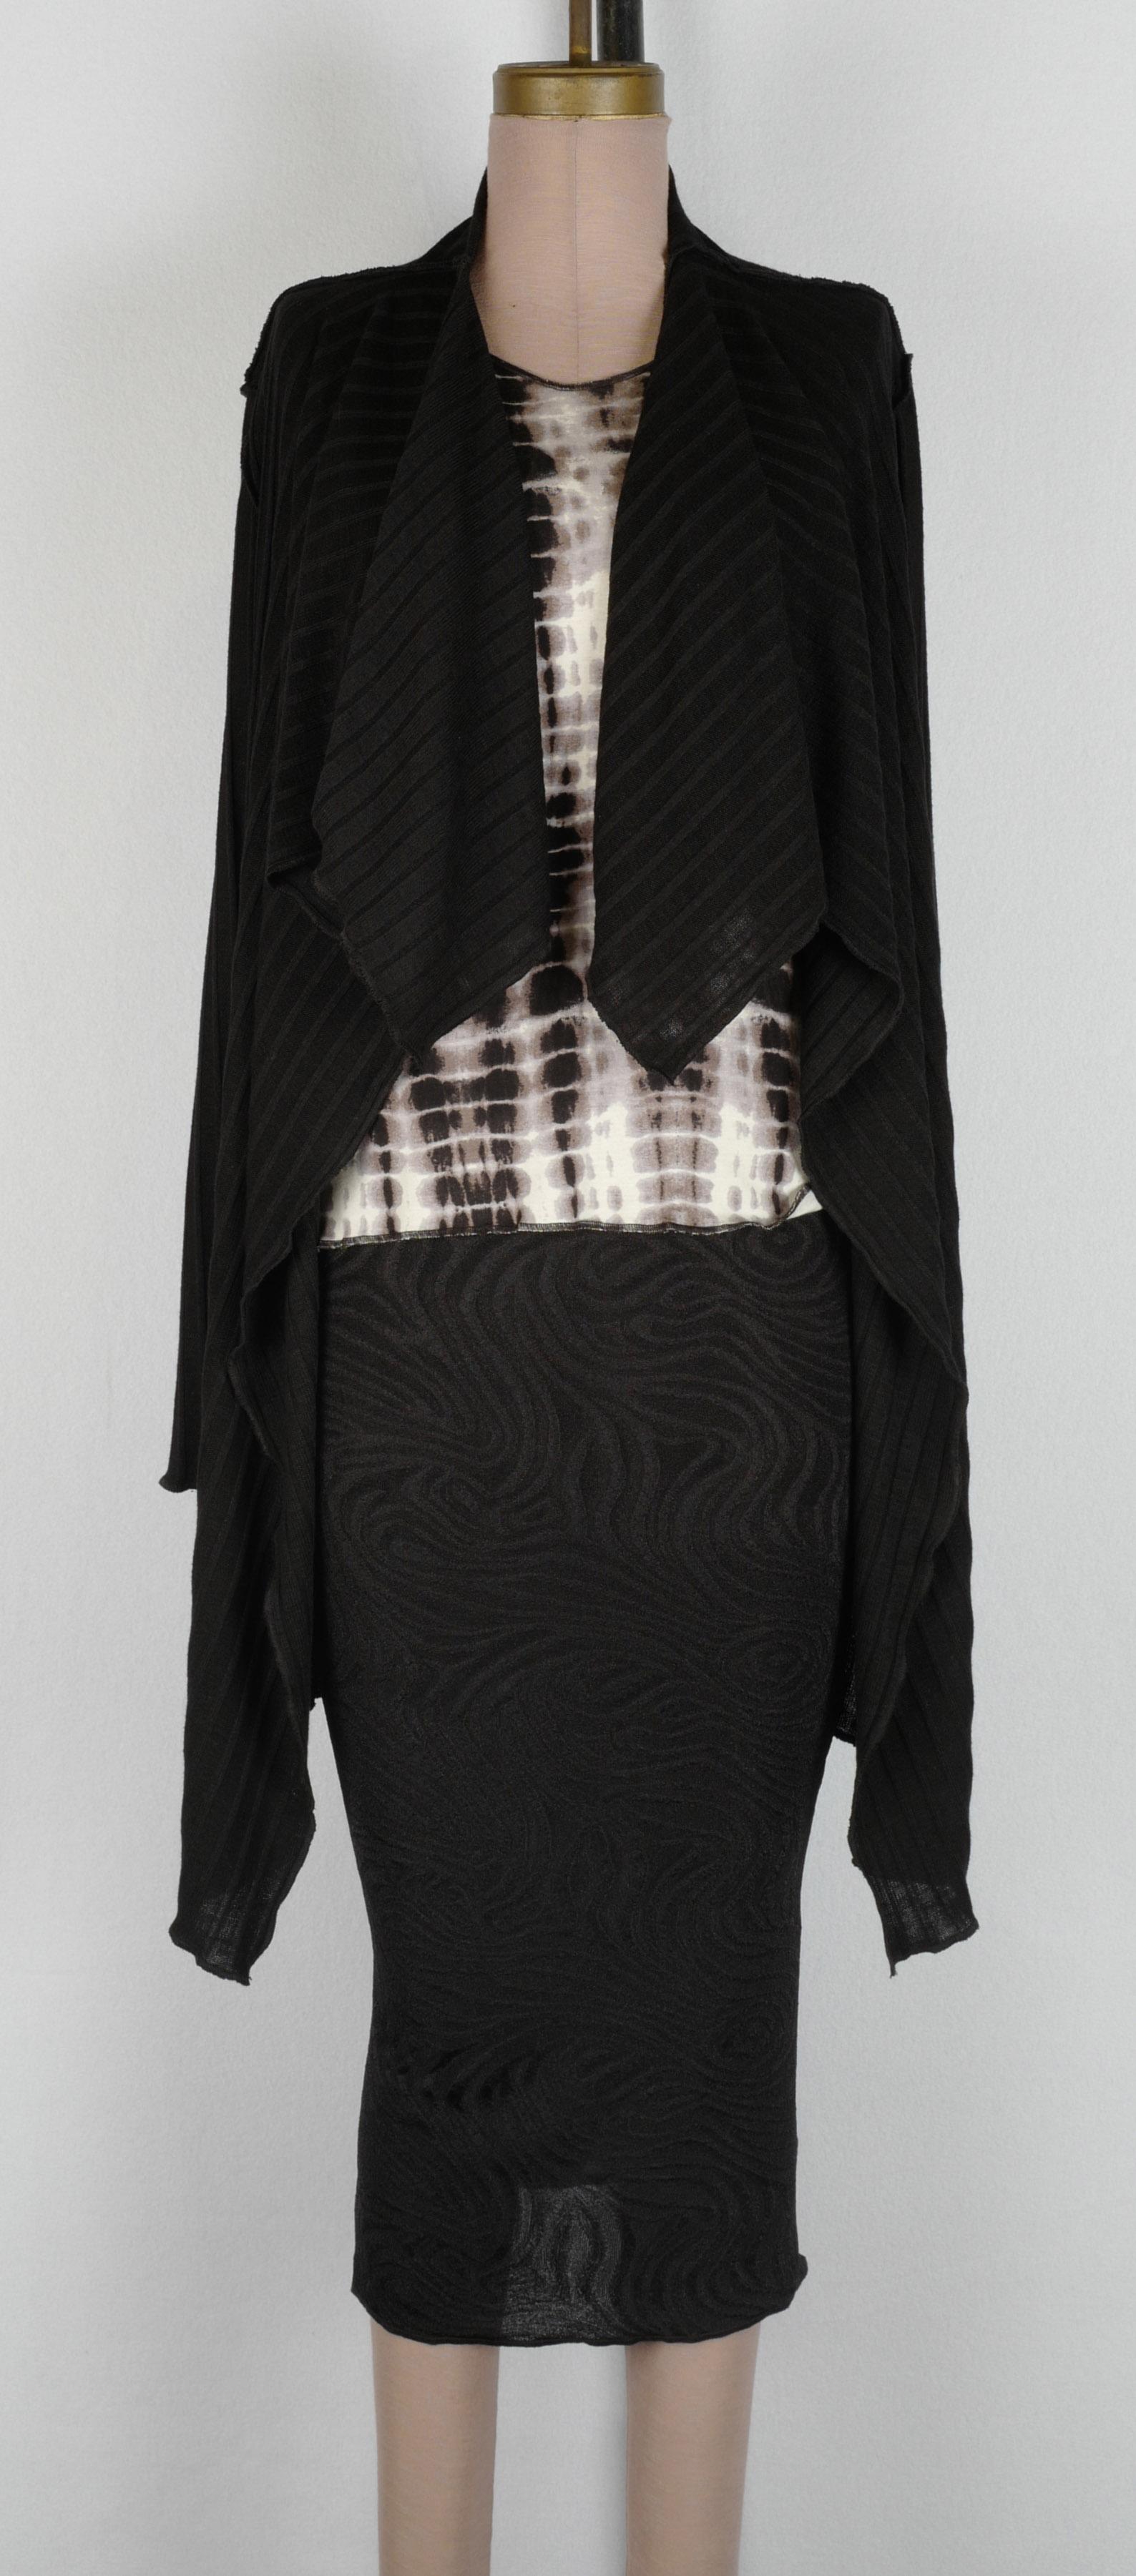 Cascade Jacket $150 • S M L XL